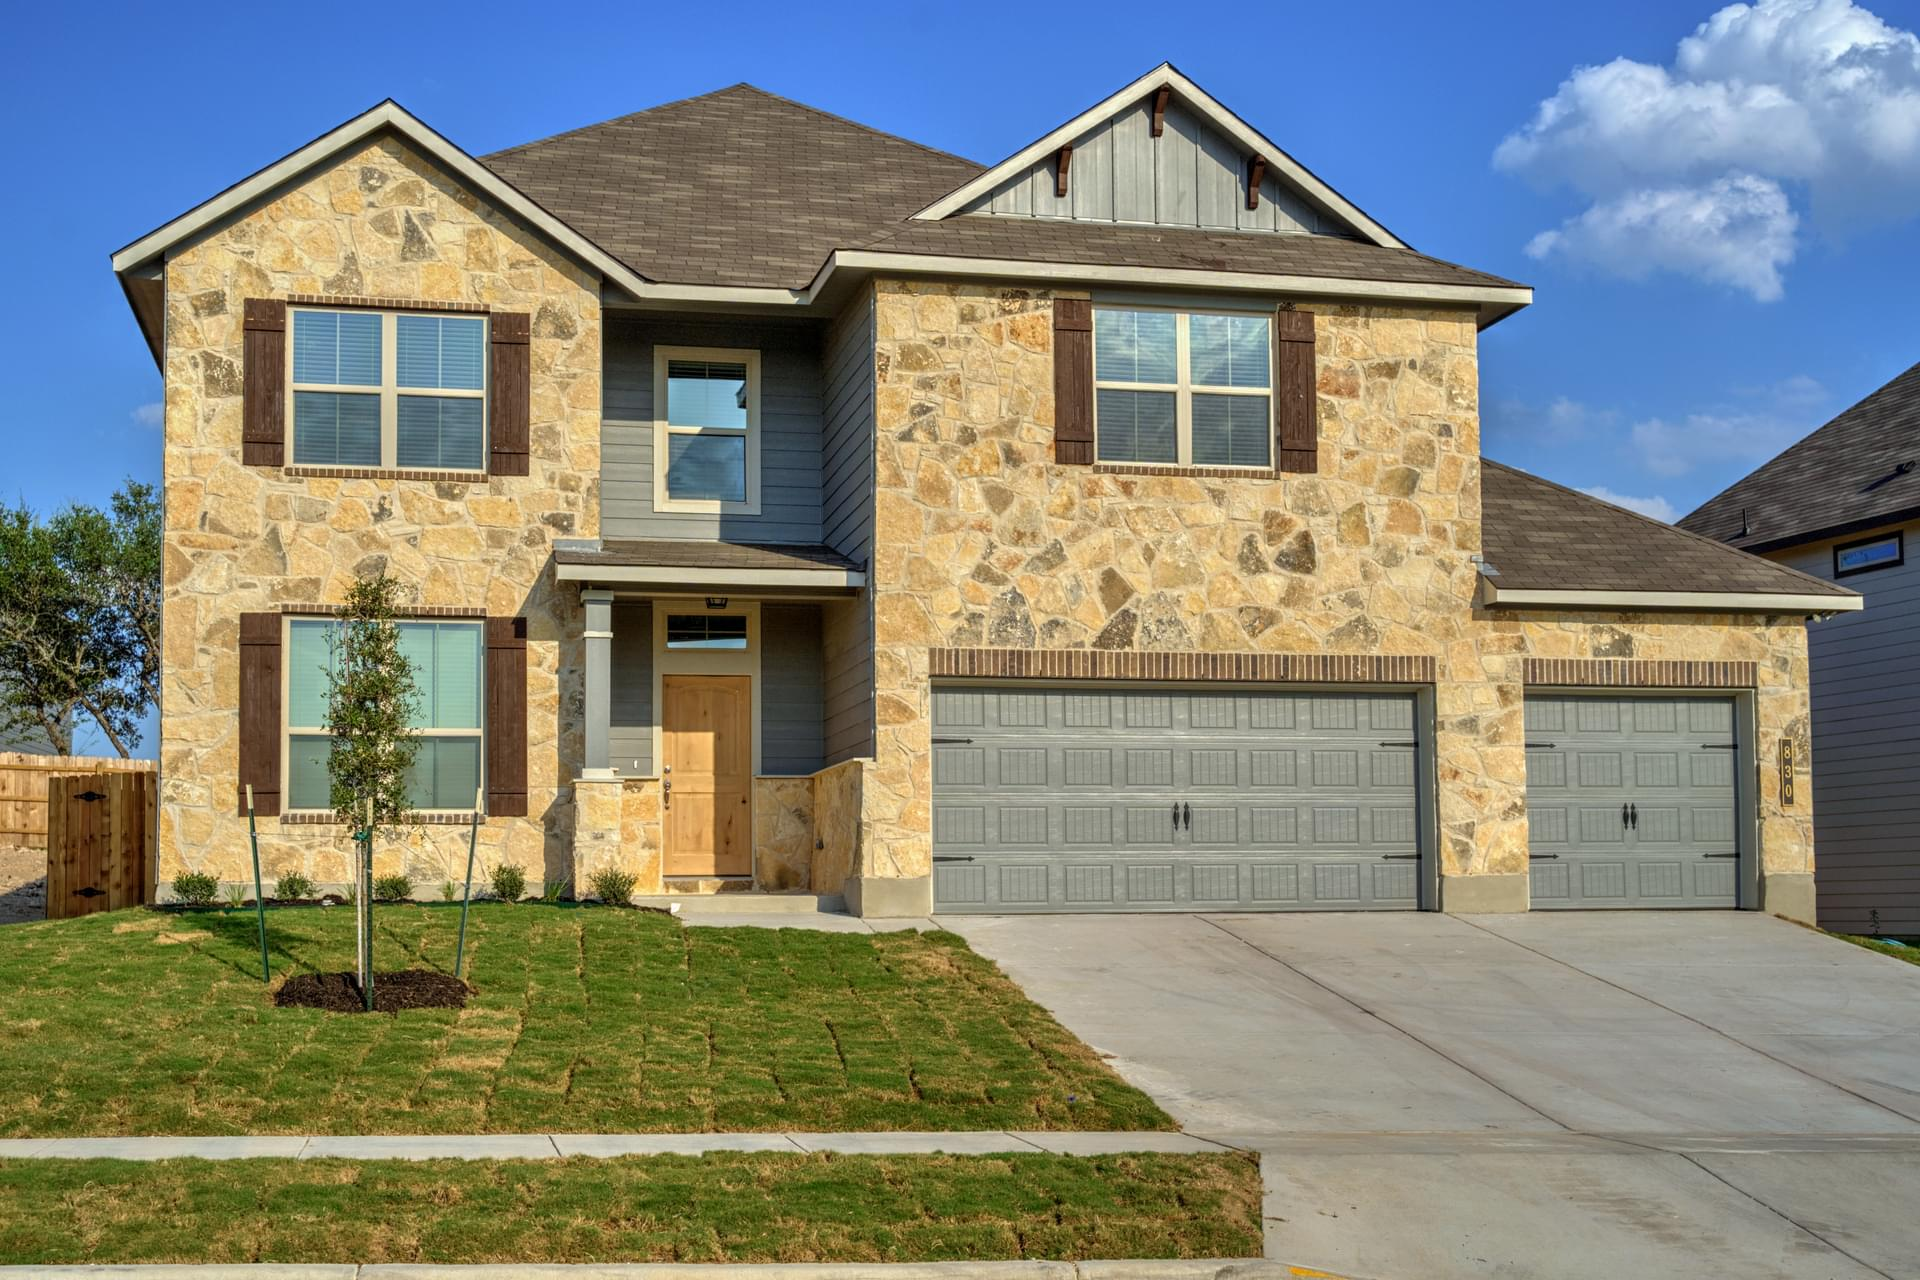 3232 New Home Floor Plan